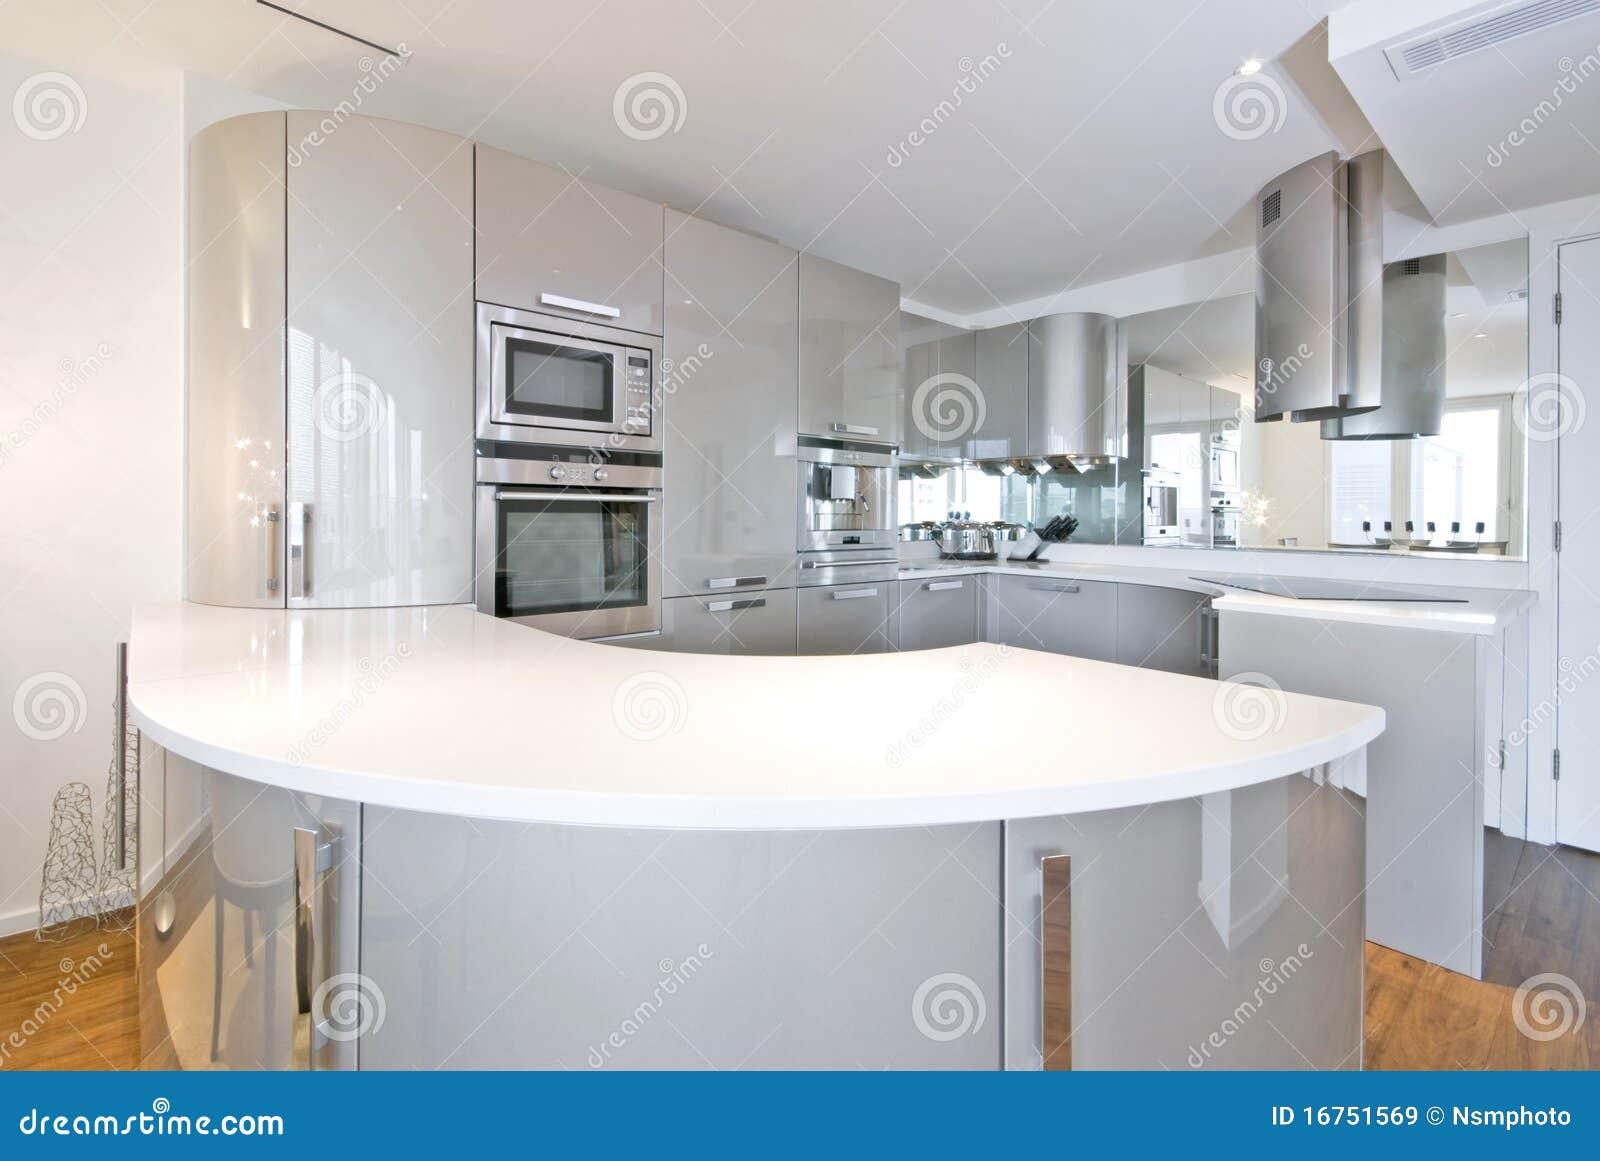 ultra modern designer kitchen royalty free stock images. Black Bedroom Furniture Sets. Home Design Ideas